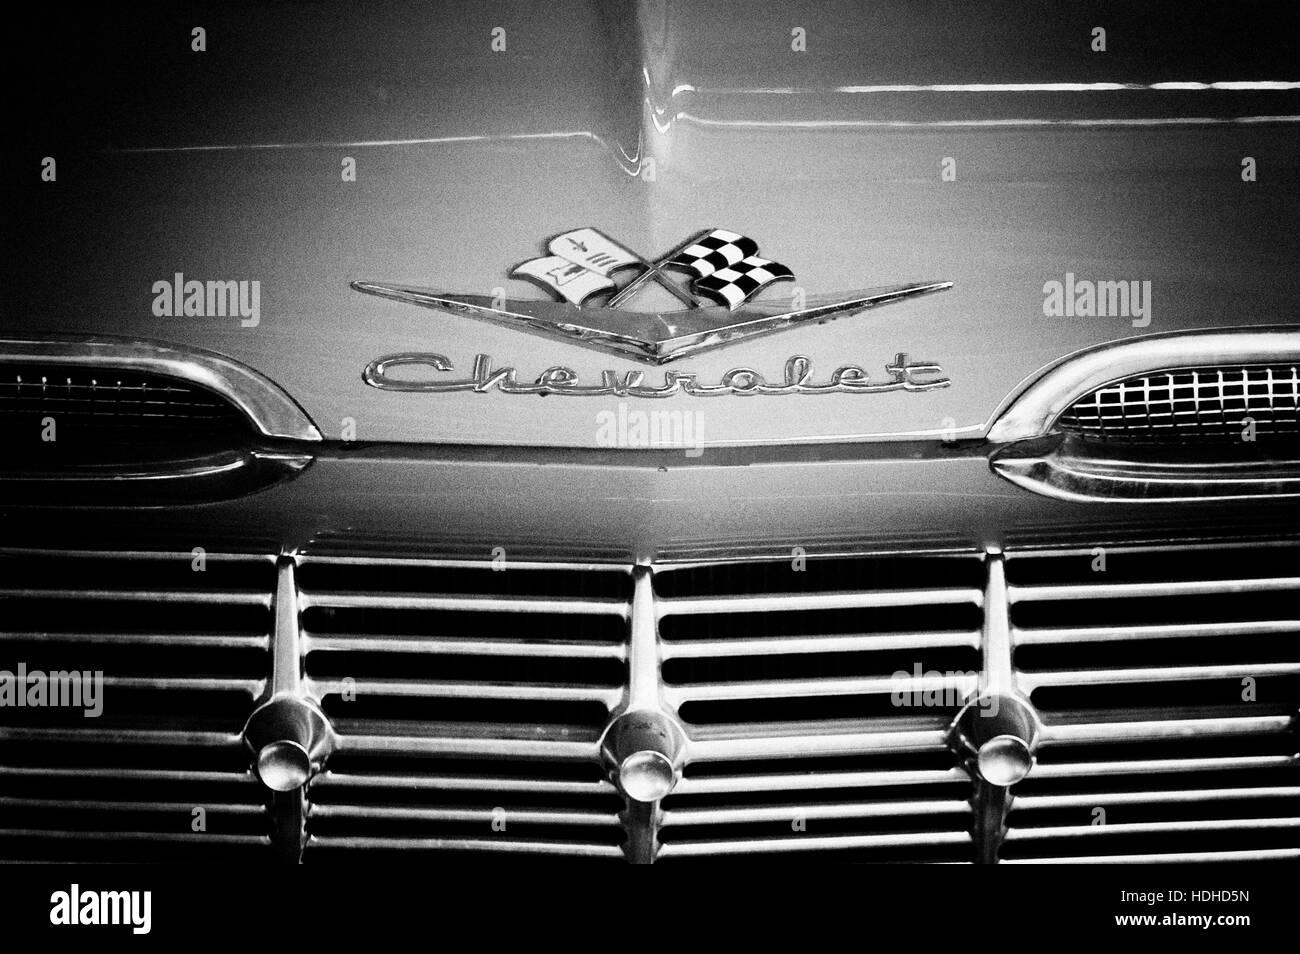 Car radiator symbol choice image symbols and meanings photo chevrolet impala year 1959 photo auto radiator grille photo chevrolet impala year 1959 photo auto buycottarizona Images